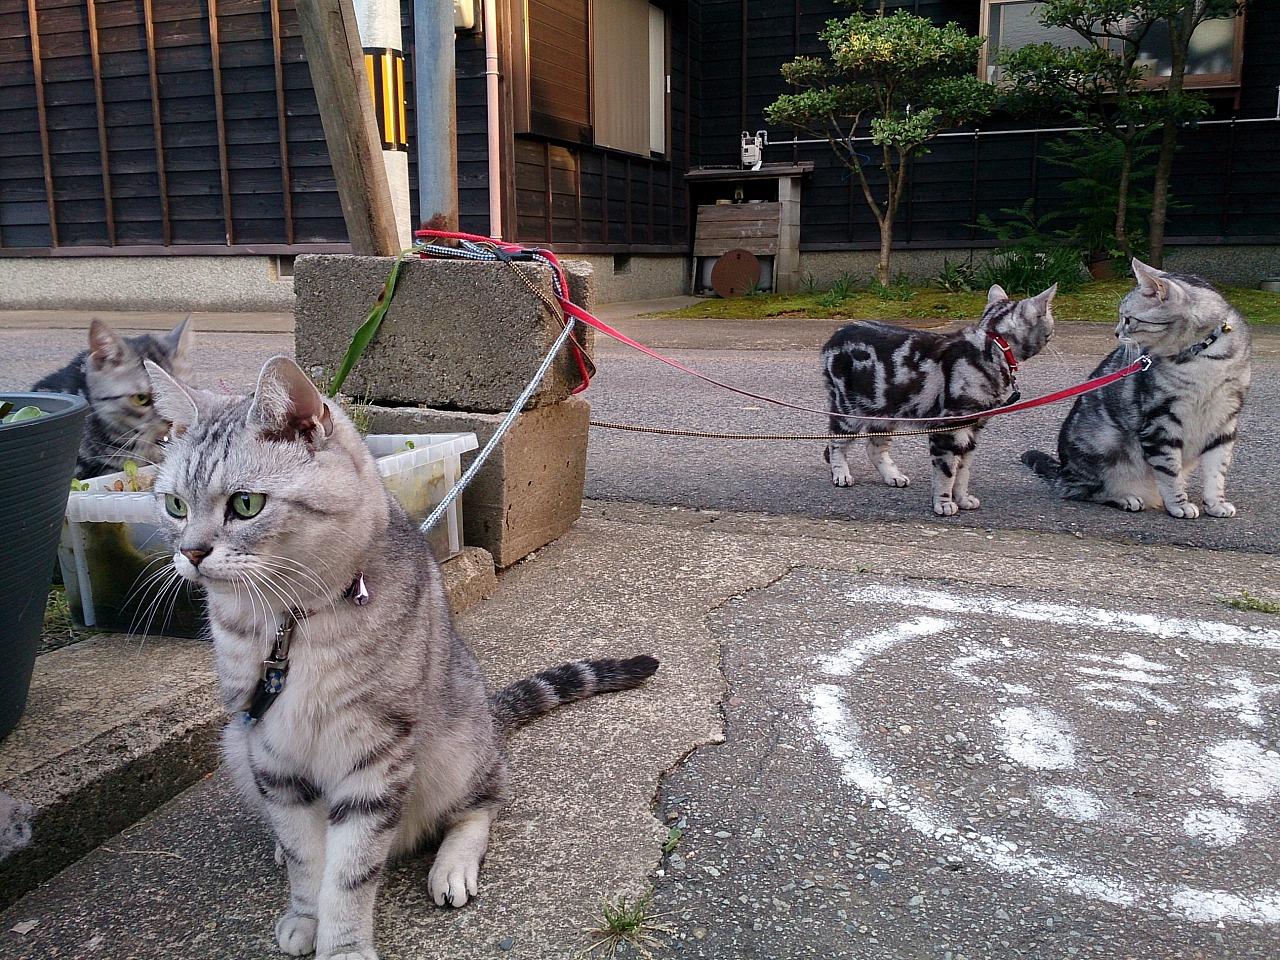 Cats_20140601-01.jpg